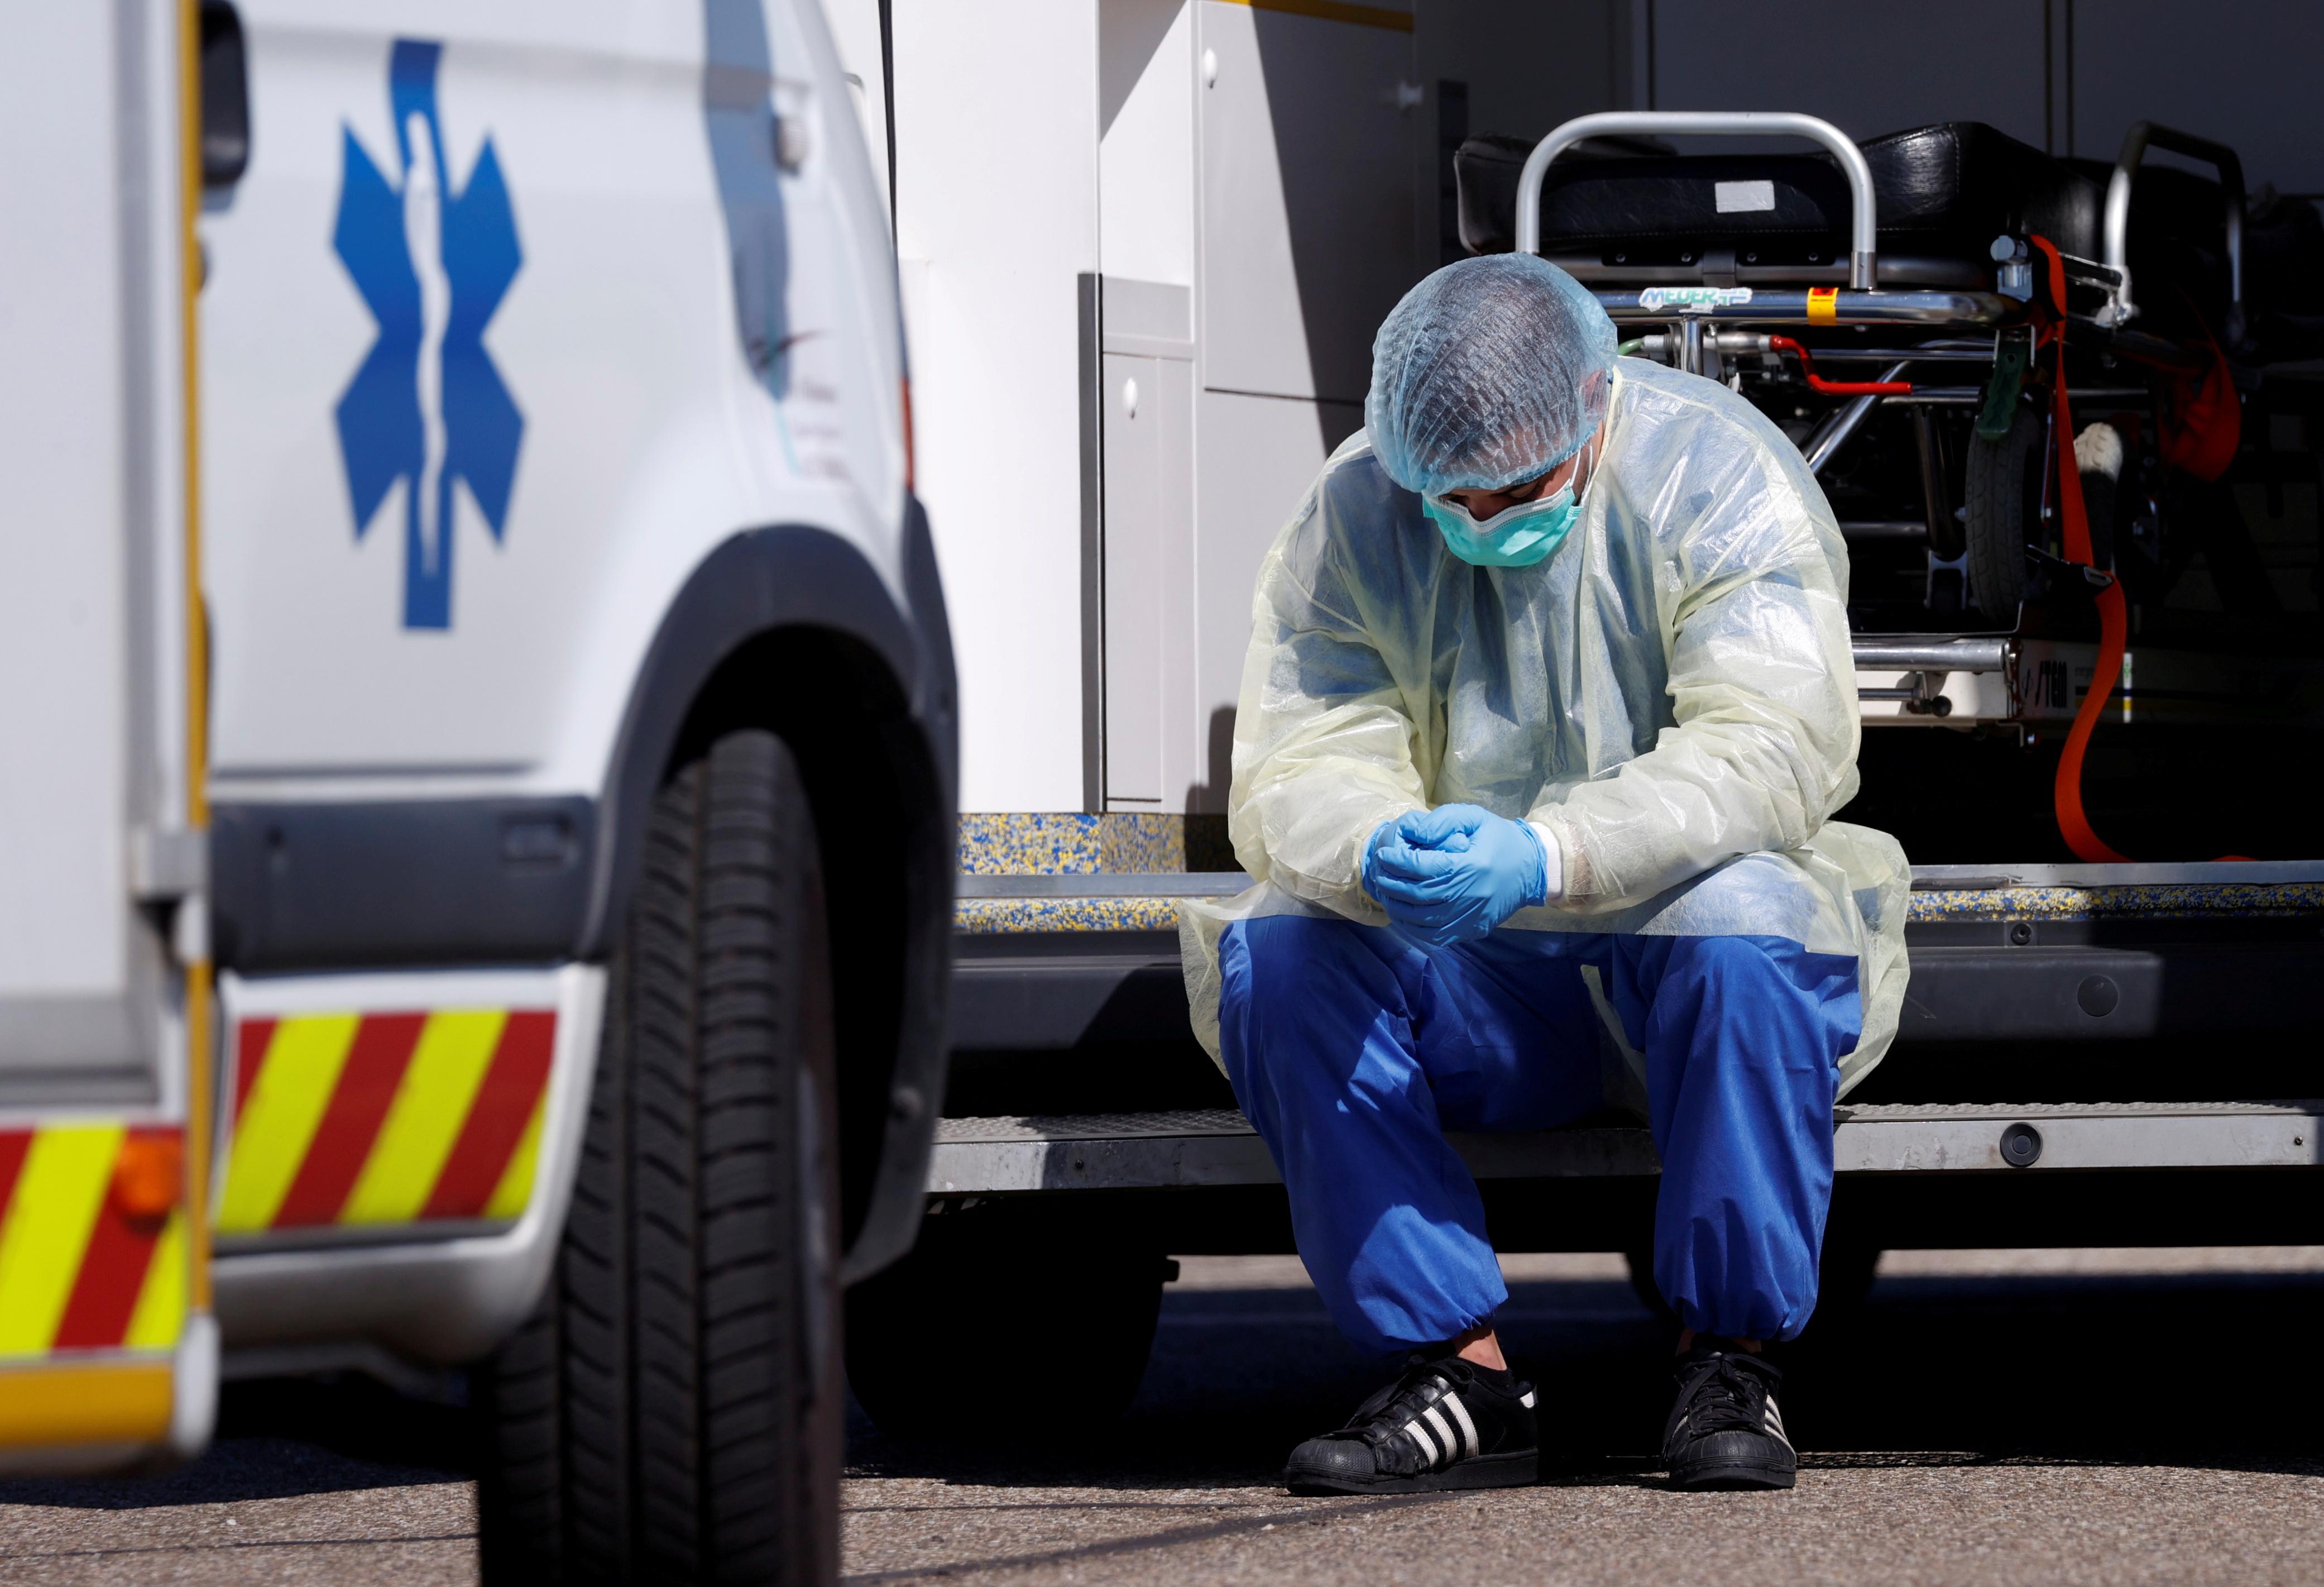 Un trabajador de la salud, que usa un equipo de protección, toma un descanso durante las operaciones de traslado de pacientes infectados en Francia (REUTERS/Christian Hartmann)